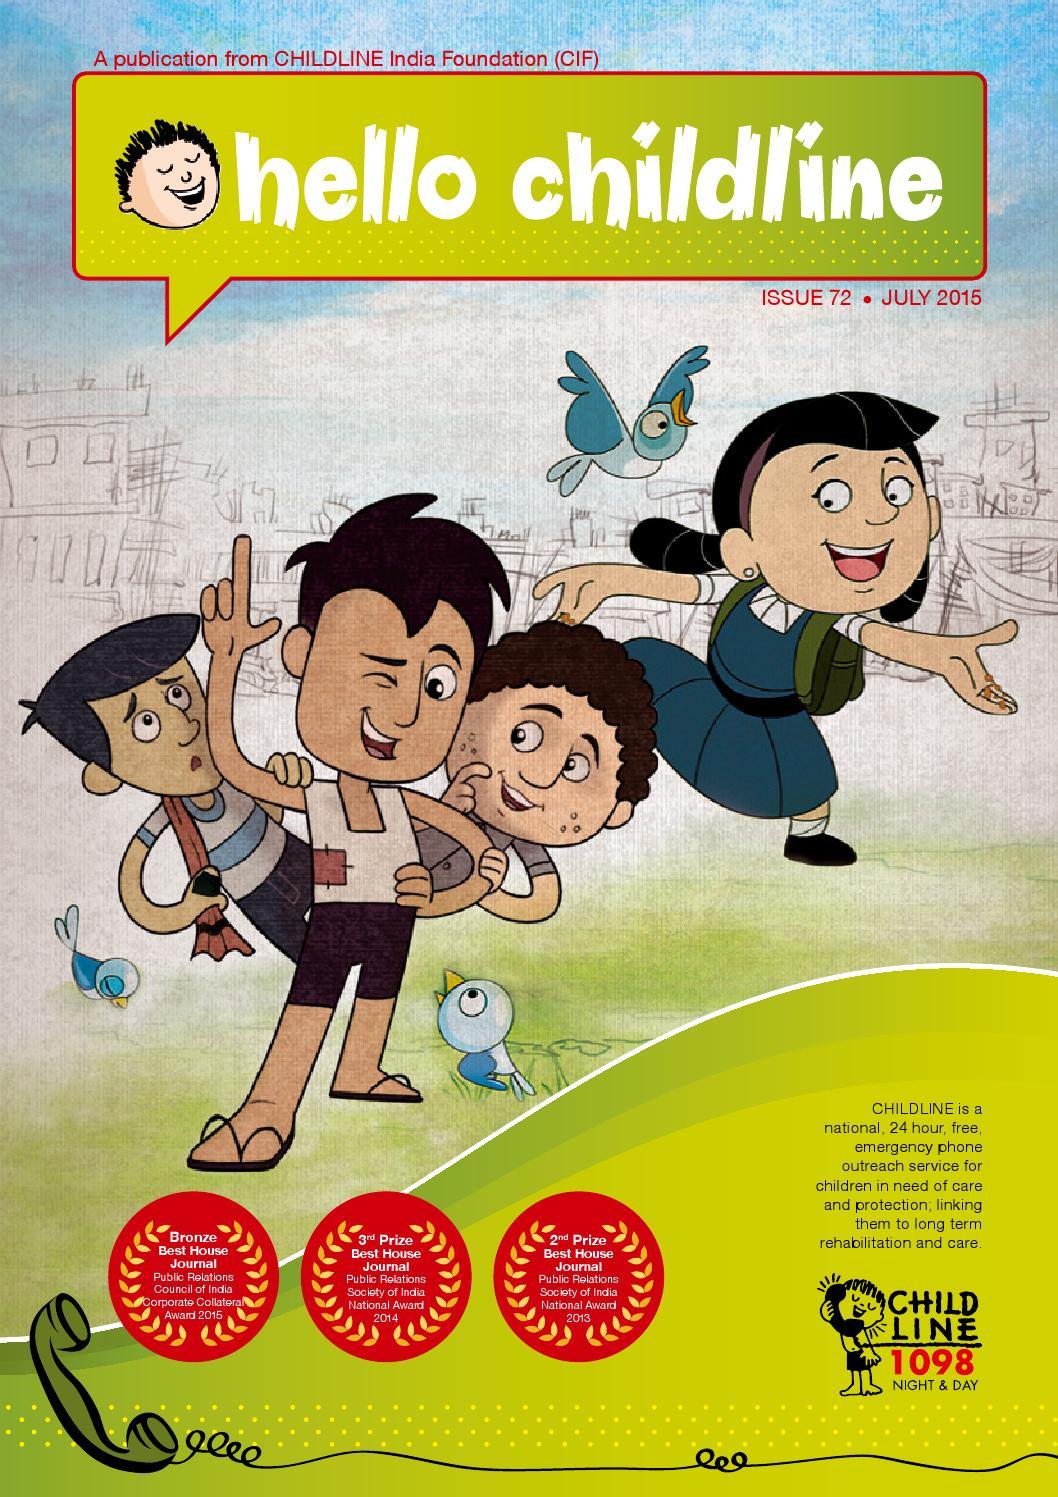 Hello CHILDLINE - July 2015 English Edition by CHILDLINE